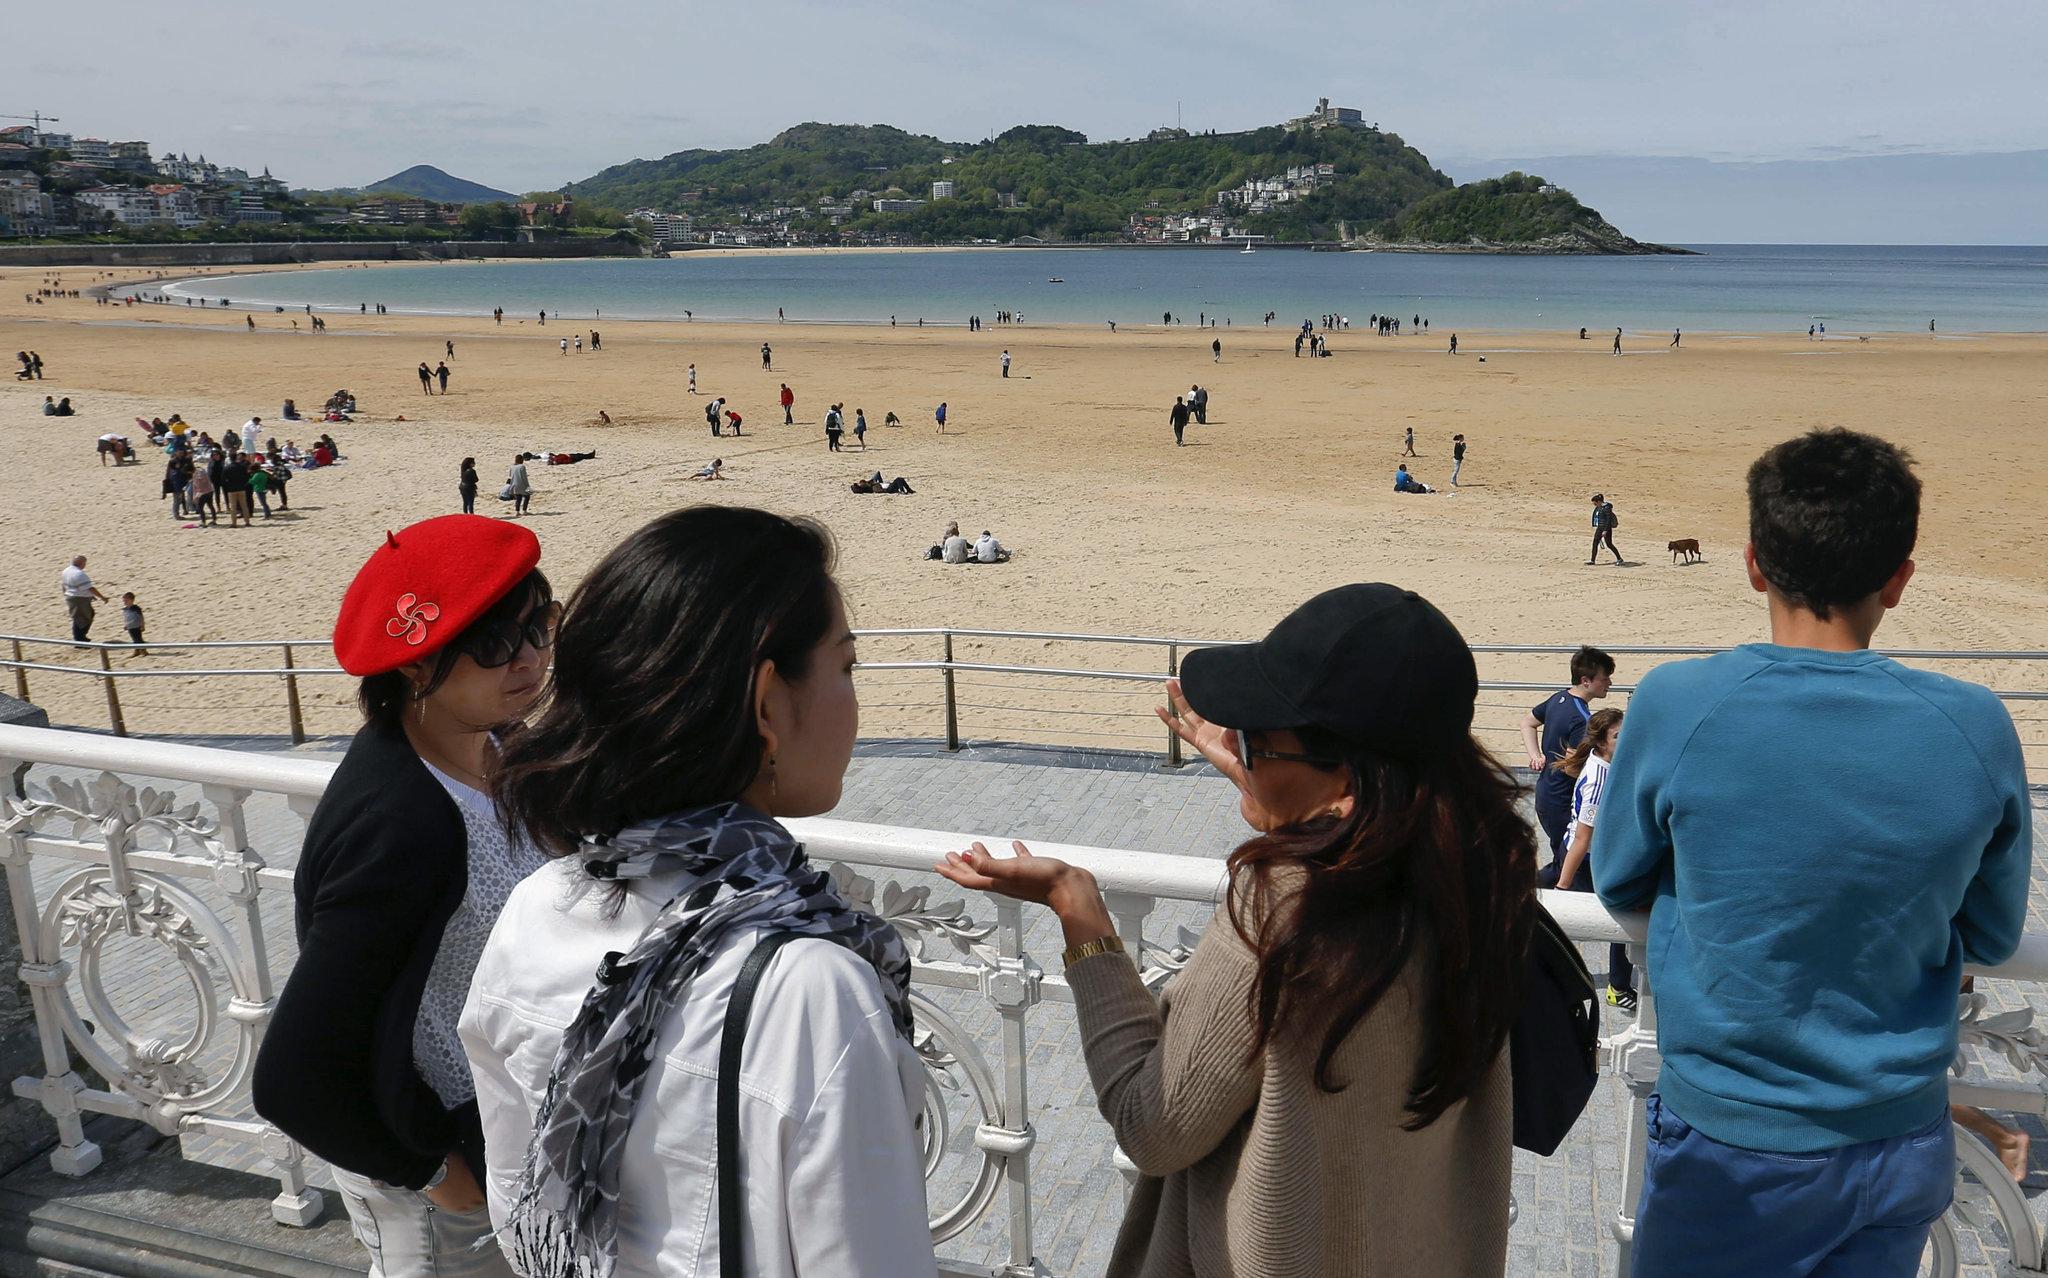 Una imagen de la playa donostiarra de La Concha.